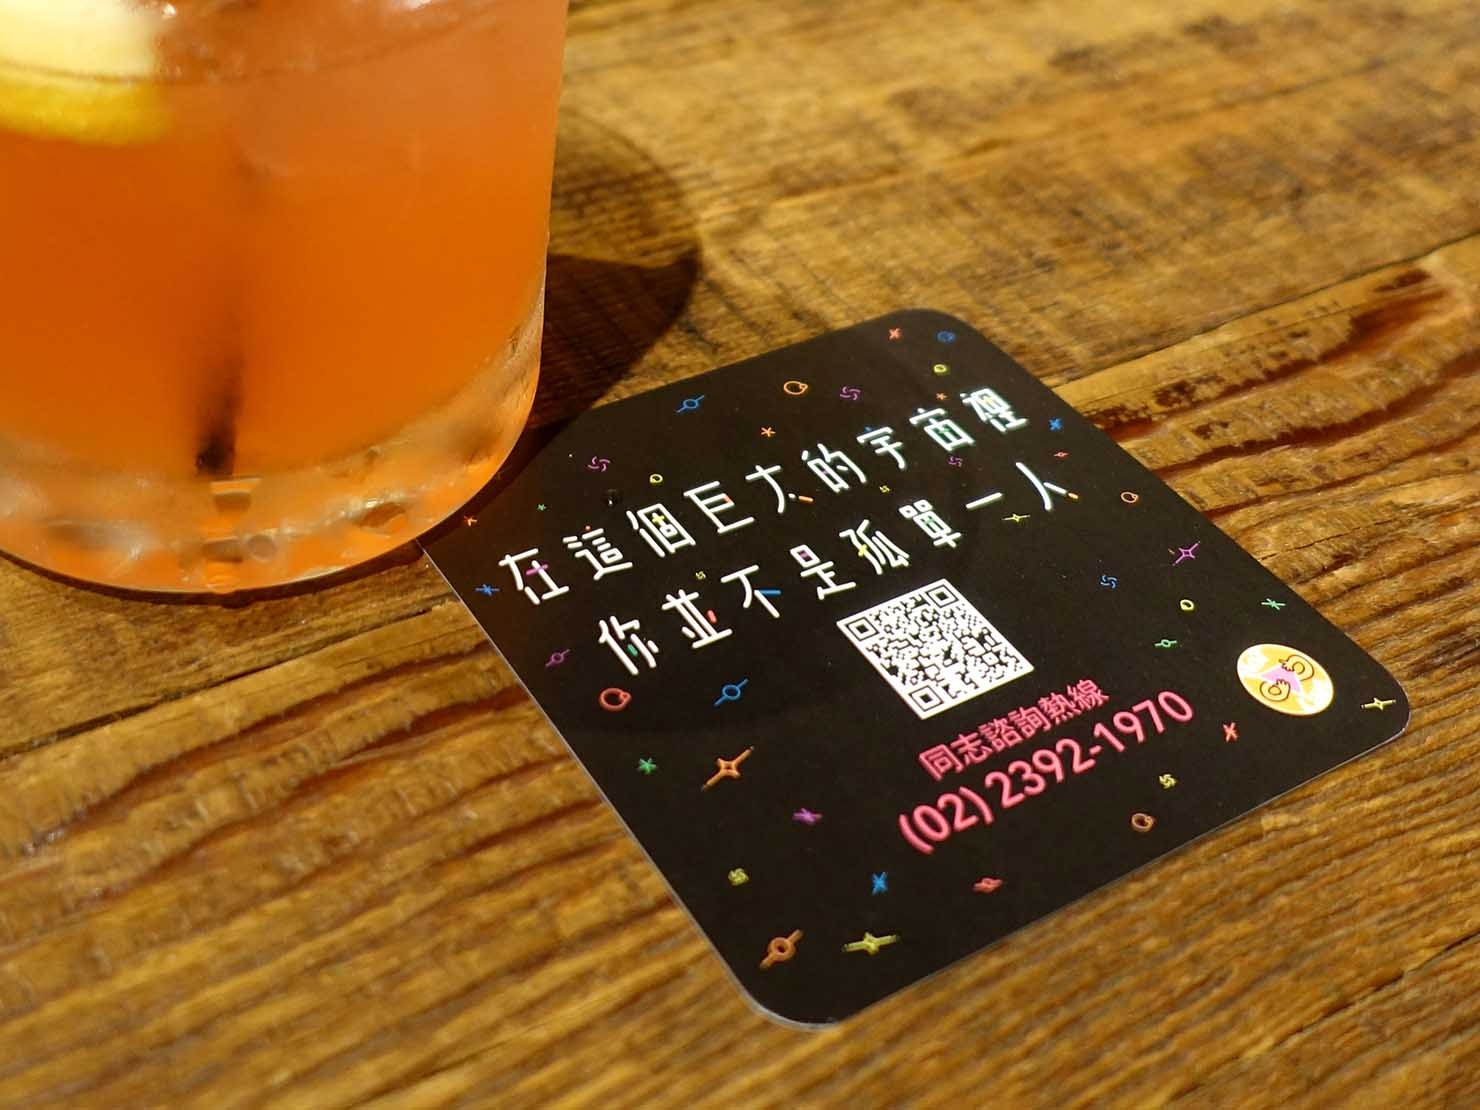 台北・國父紀念館近くのLGBTフレンドリーなビストロ「Fairy Taipei」のコースター